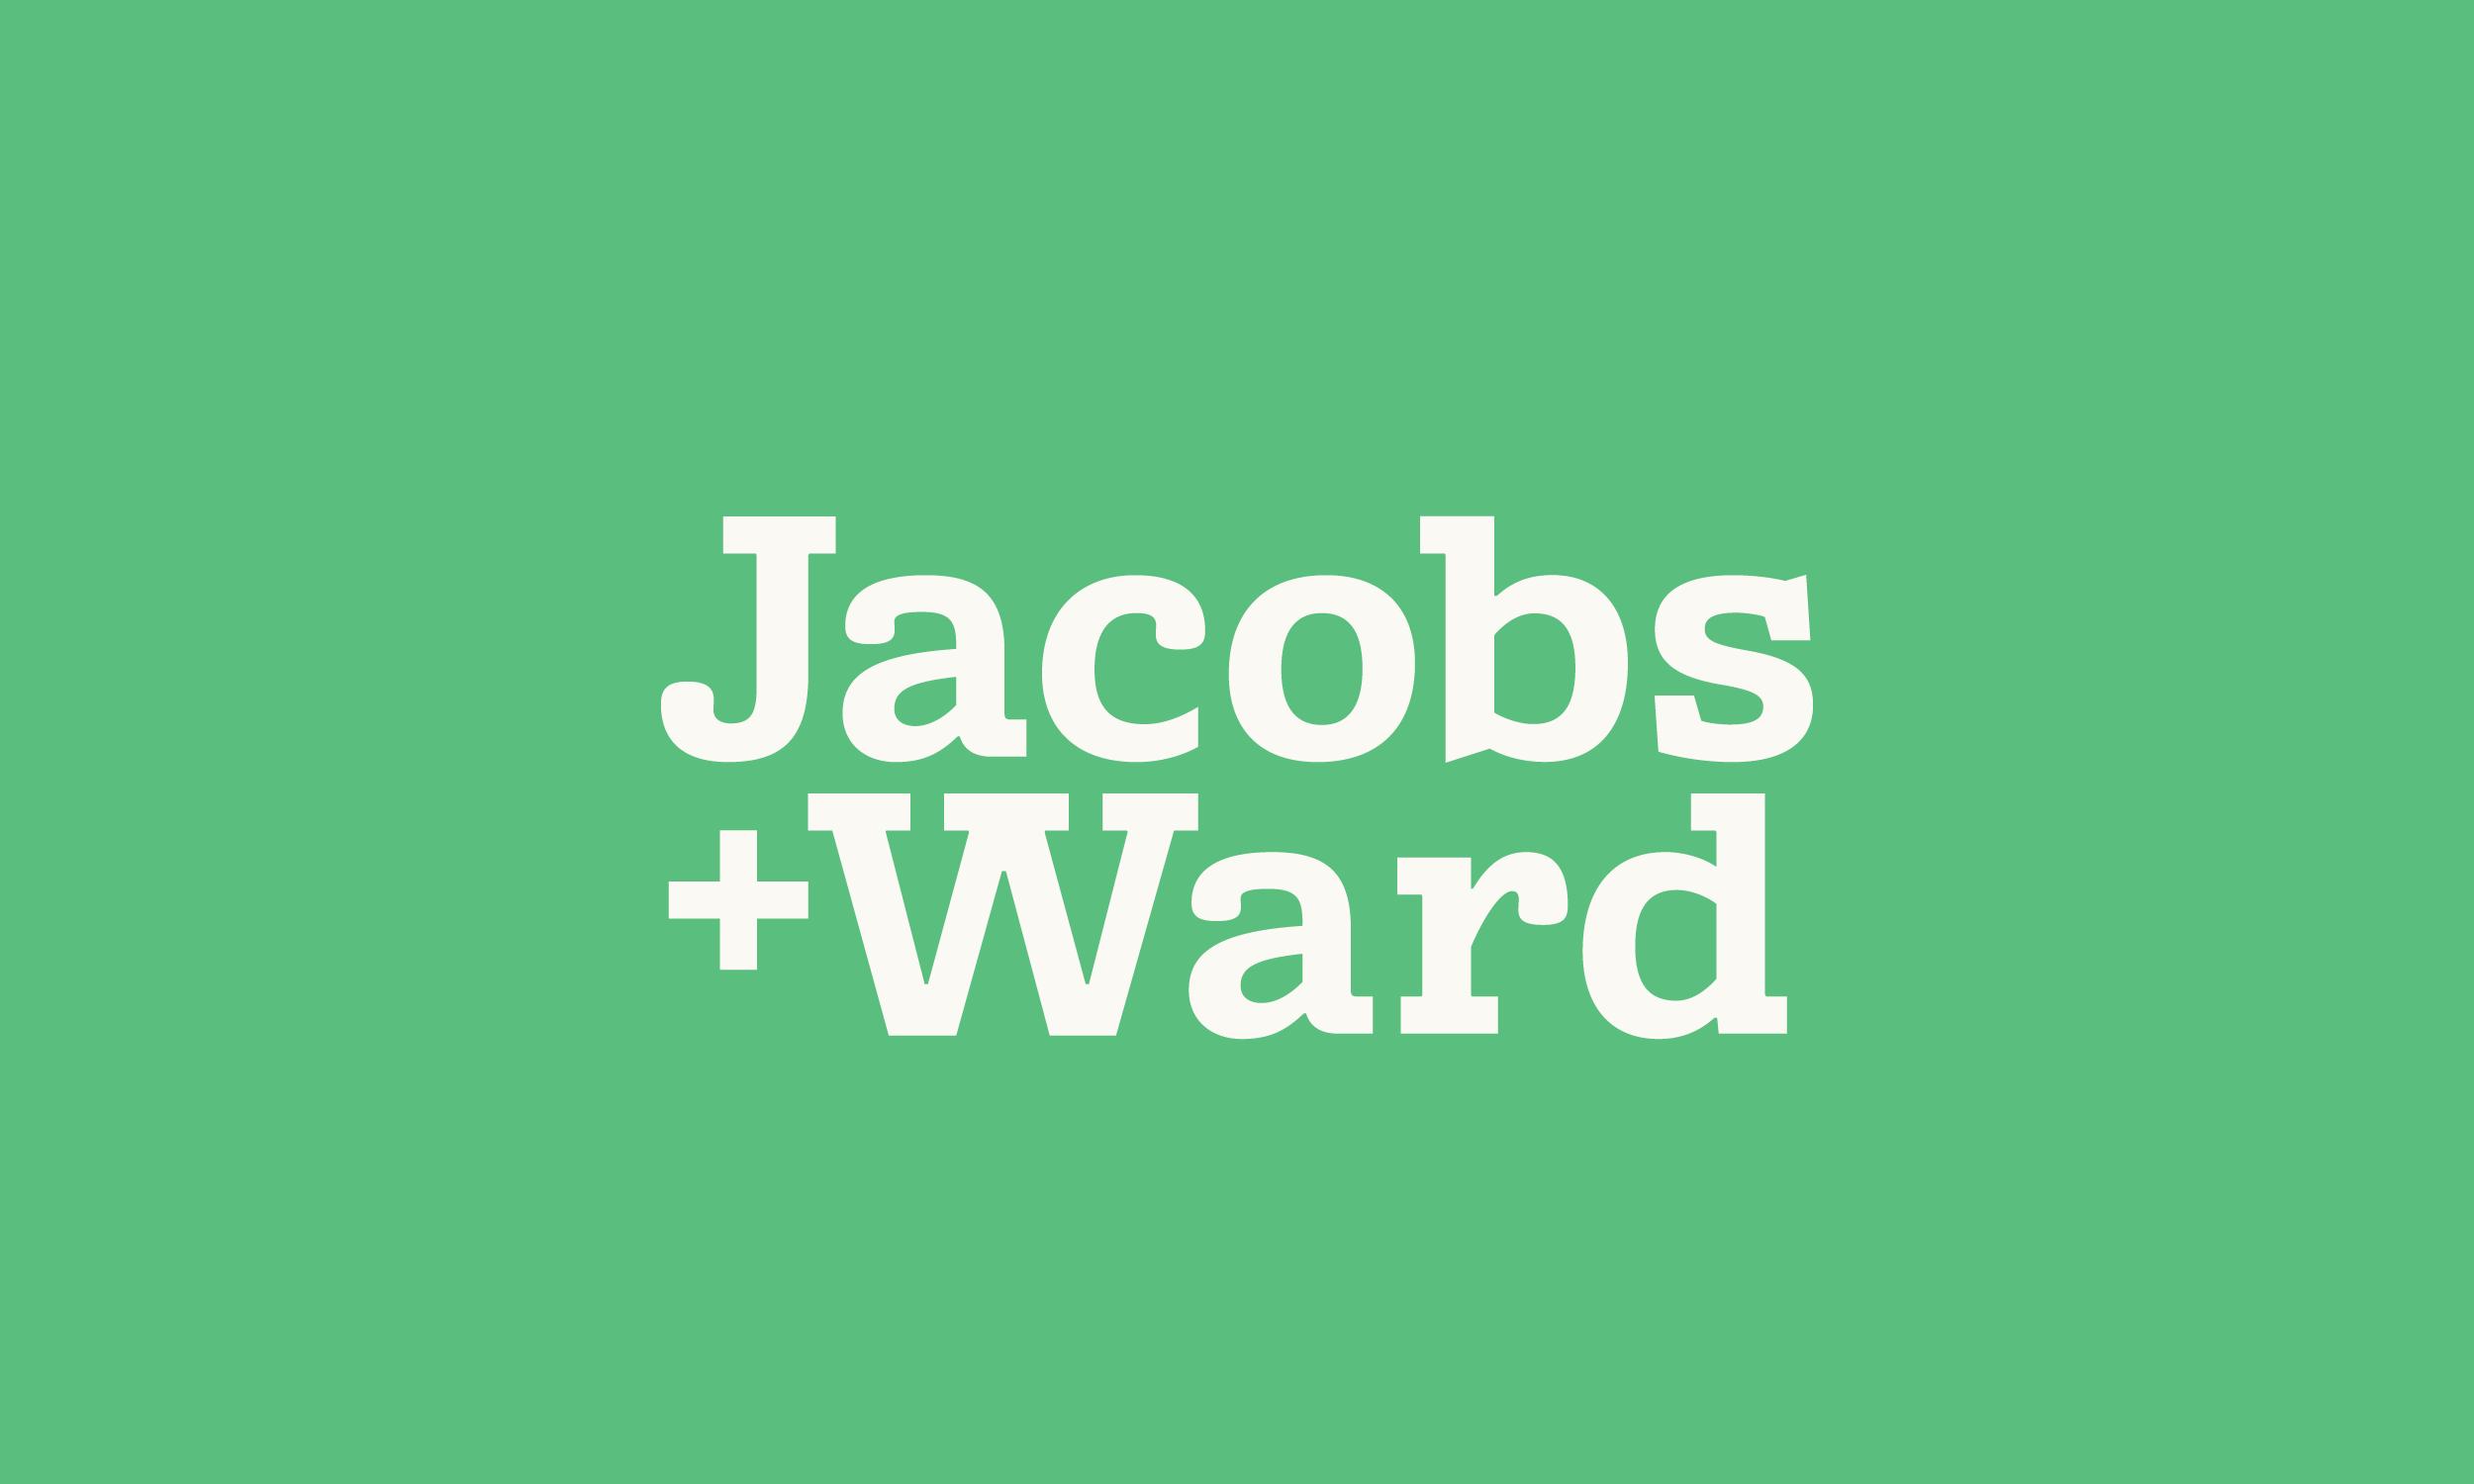 Jacobs + Ward